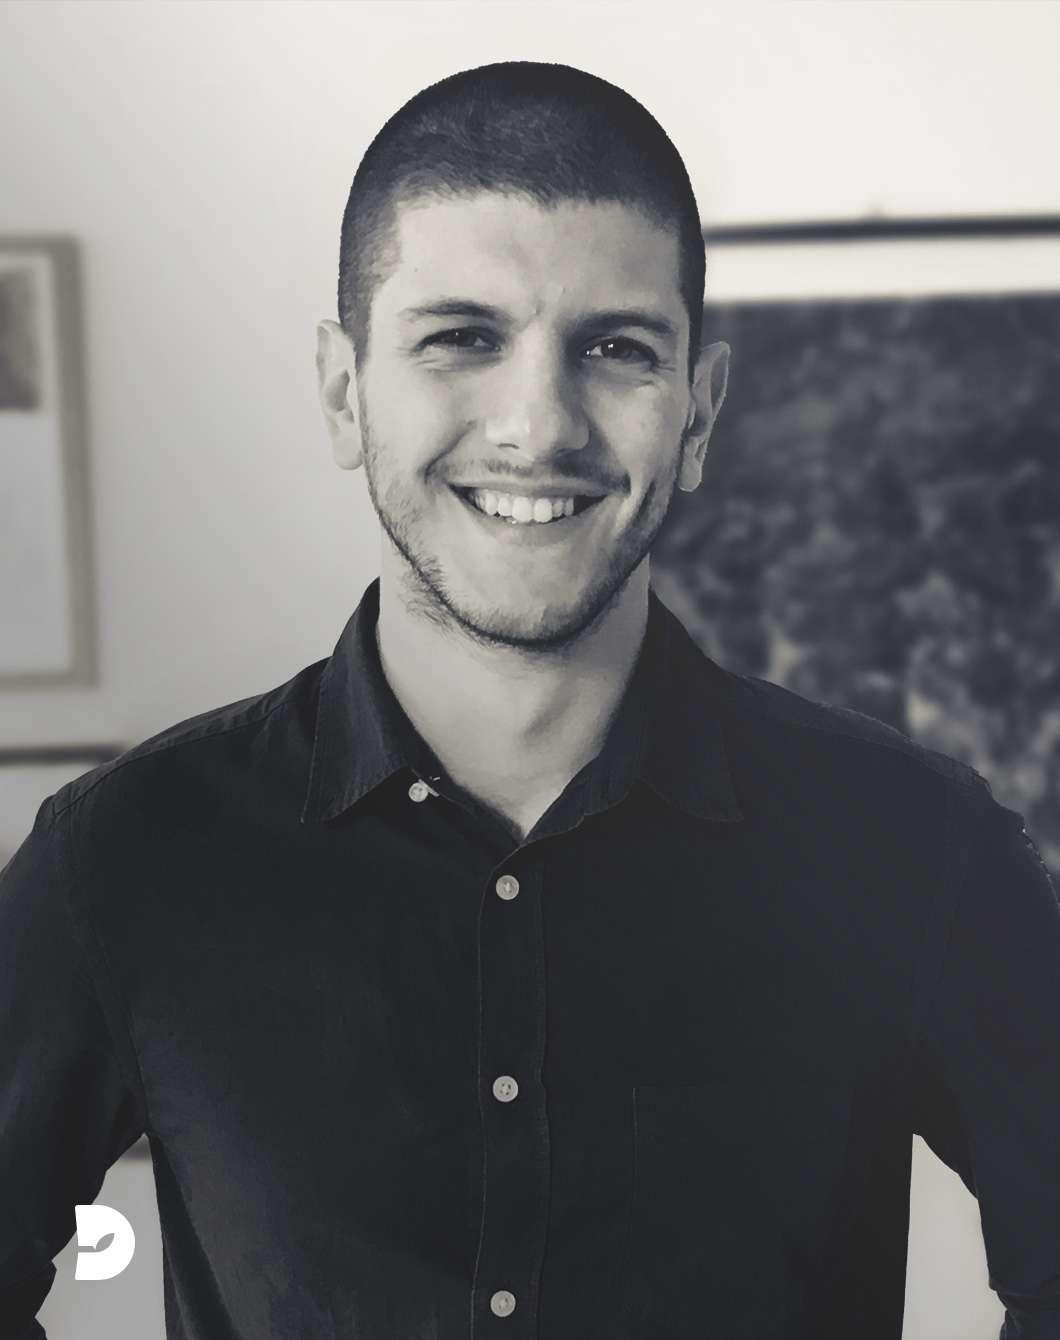 Giovanni Calore